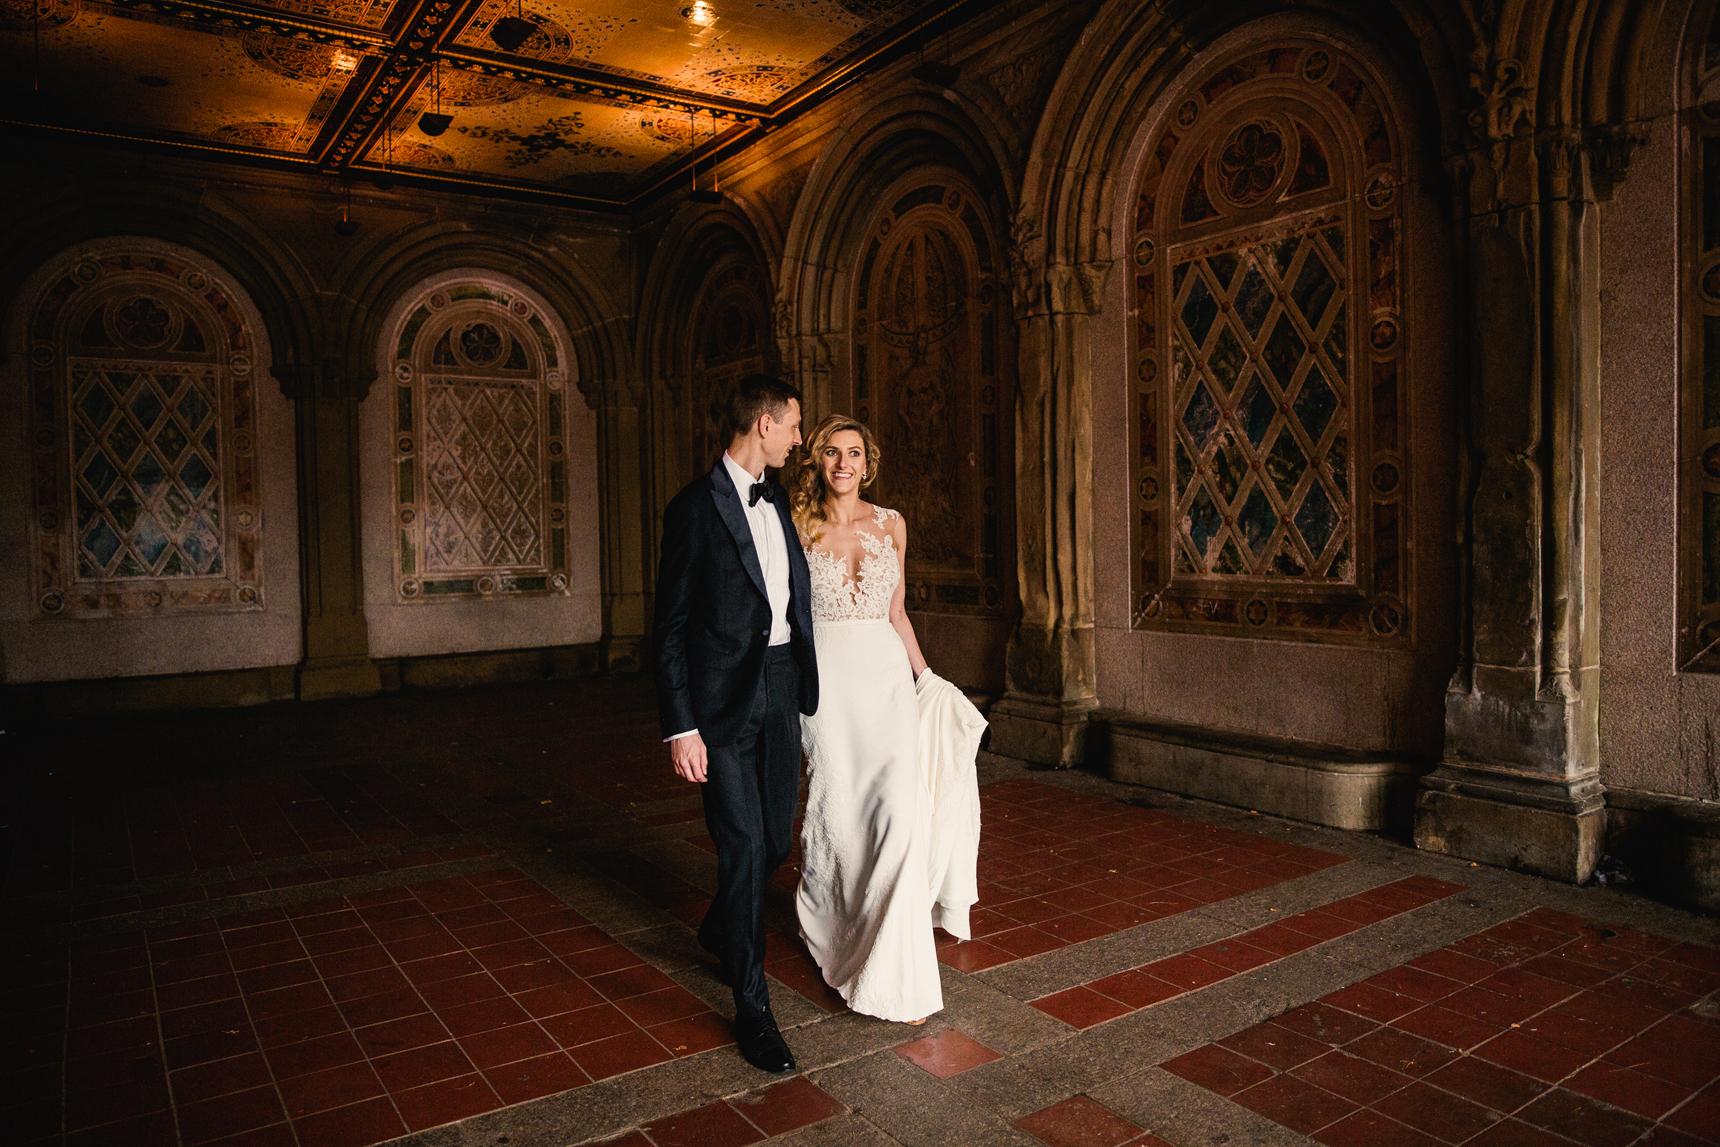 Jory_LoebBoathouse_CentralPark_NewYork_WeddingPhotographer071.jpg